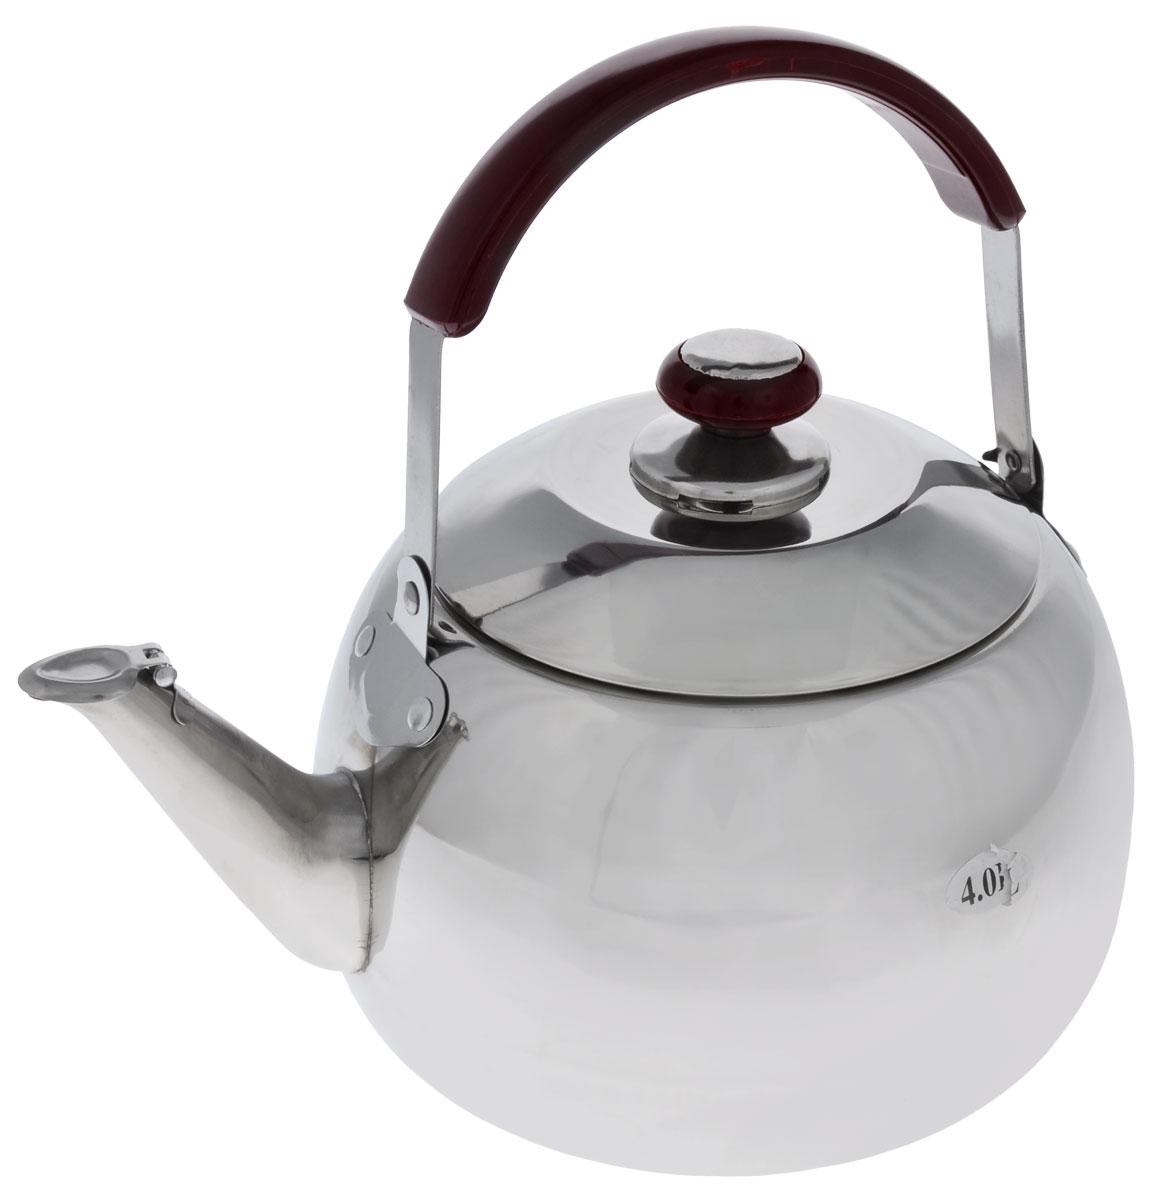 Чайник Mayer & Boch со свистком, 4 л2524Корпус чайника Mayer & Boch выполнен из высококачественной нержавеющей стали с зеркальной поверхностью, что обеспечивает долговечность использования. Подвижная ручка из стали с накладкой из бакелита делает использование чайника очень удобным и безопасным. Крышка из нержавеющей стали снабжена свистком, что позволит вам контролировать процесс подогрева или кипячения воды. Капсулированное дно с прослойкой из алюминия обеспечивает наилучшее распределение тепла. Эстетичный и функциональный, с эксклюзивным дизайном, чайник будет оригинально смотреться в любом интерьере. Можно мыть в посудомоечной машине. Диаметр основания чайника: 17 см. Высота чайника (без учета крышки): 13 см. Высота чайника (с учетом крышки): 18 см.